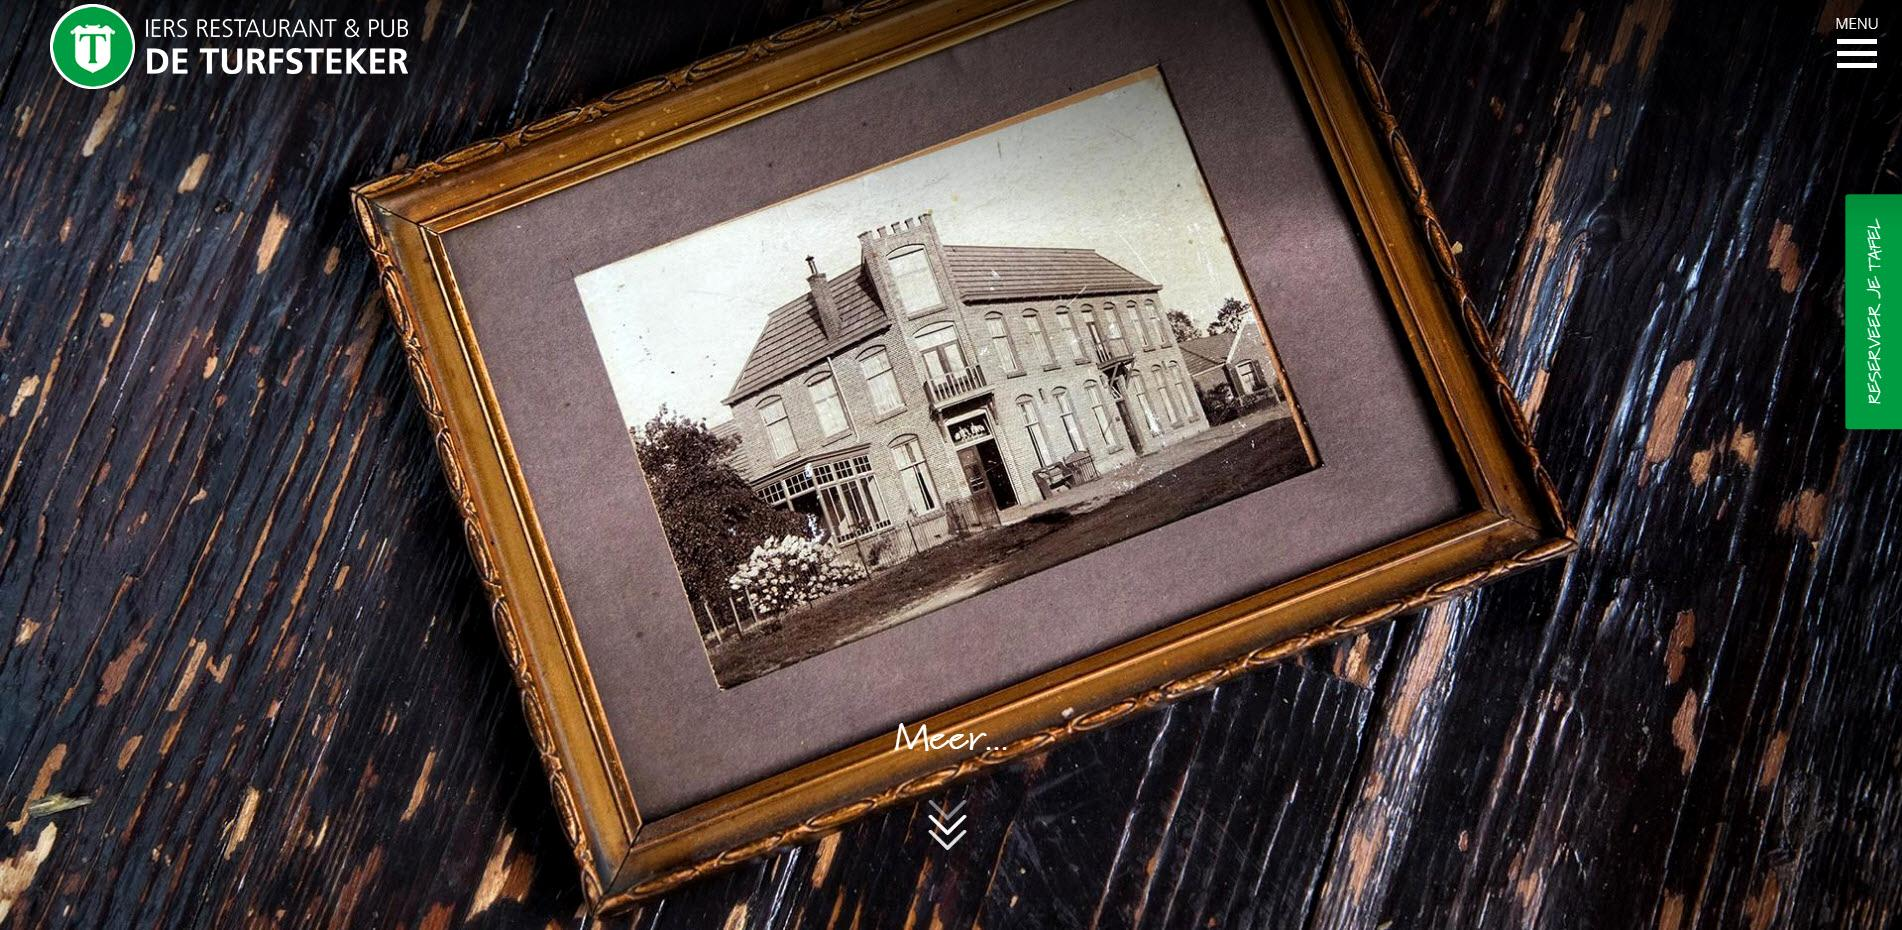 Iers restaurant De Turfsteker Westerbork website gemaakt door BS Connect